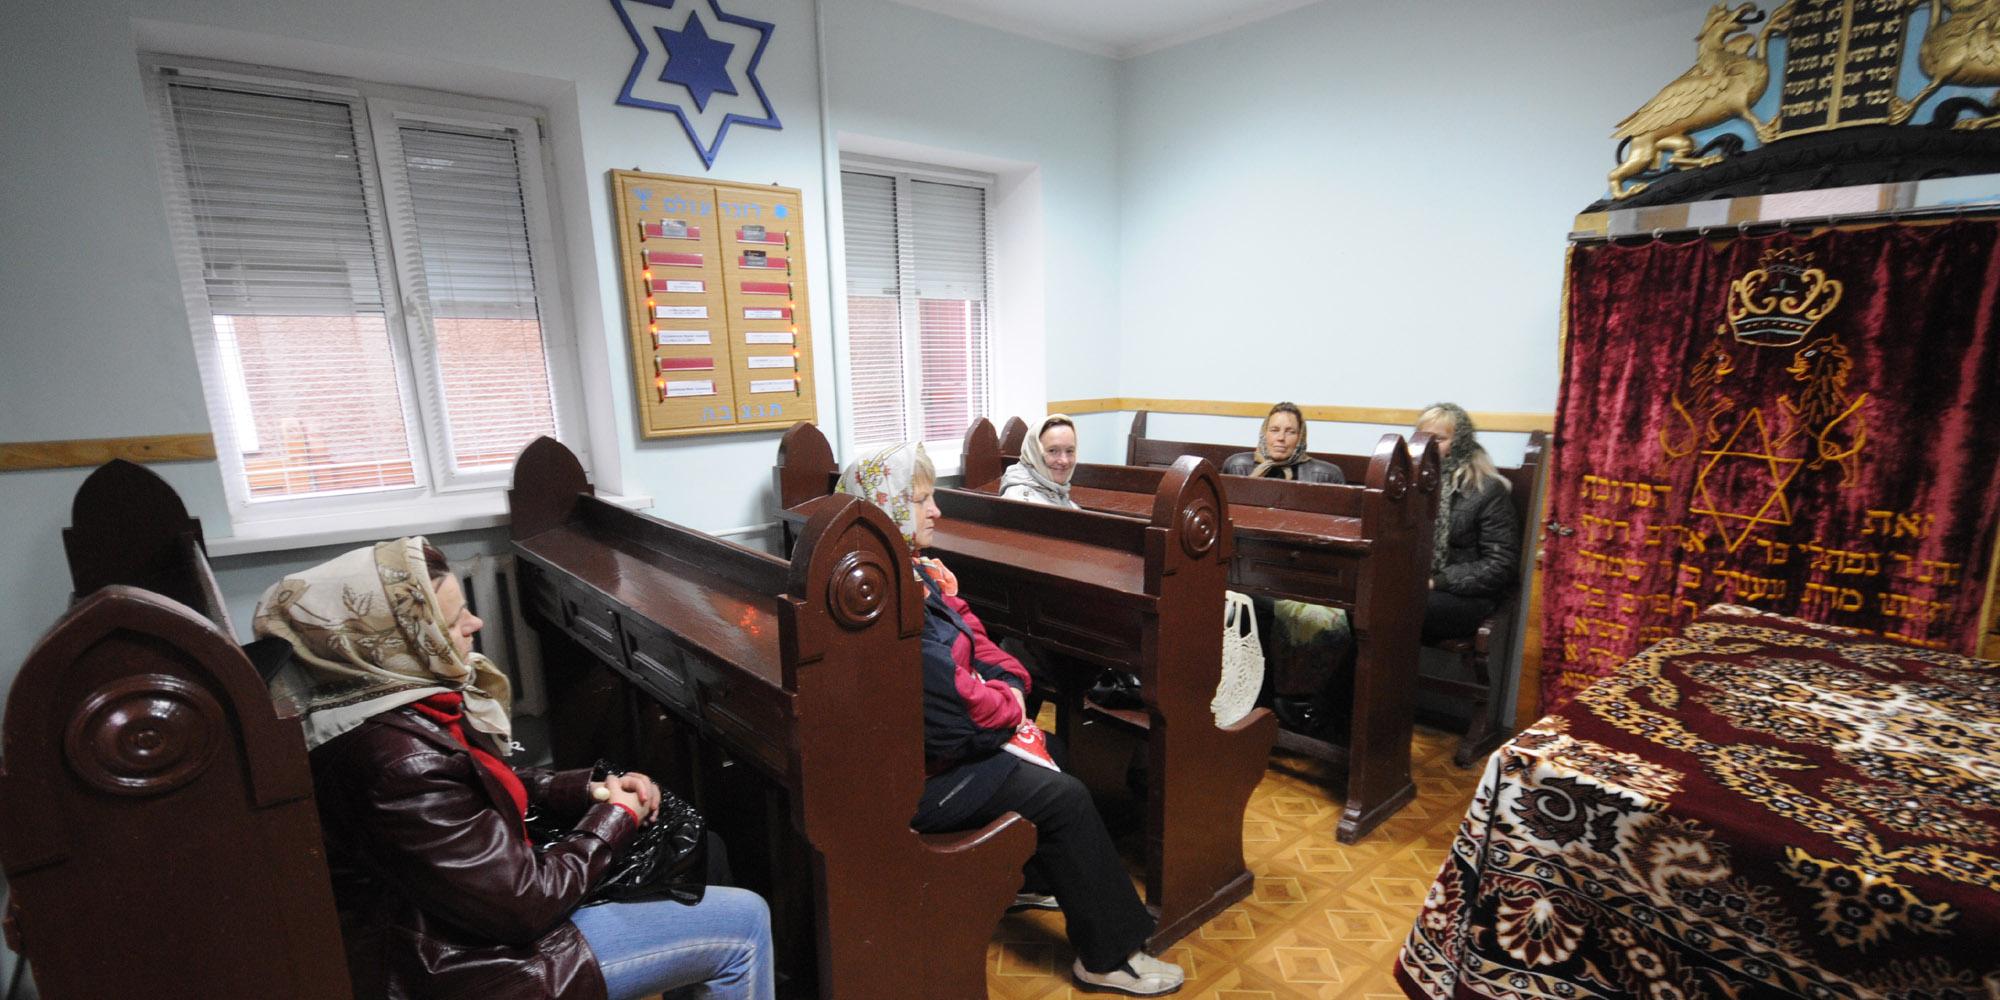 czernowitz-synagoge-besucher.jpg